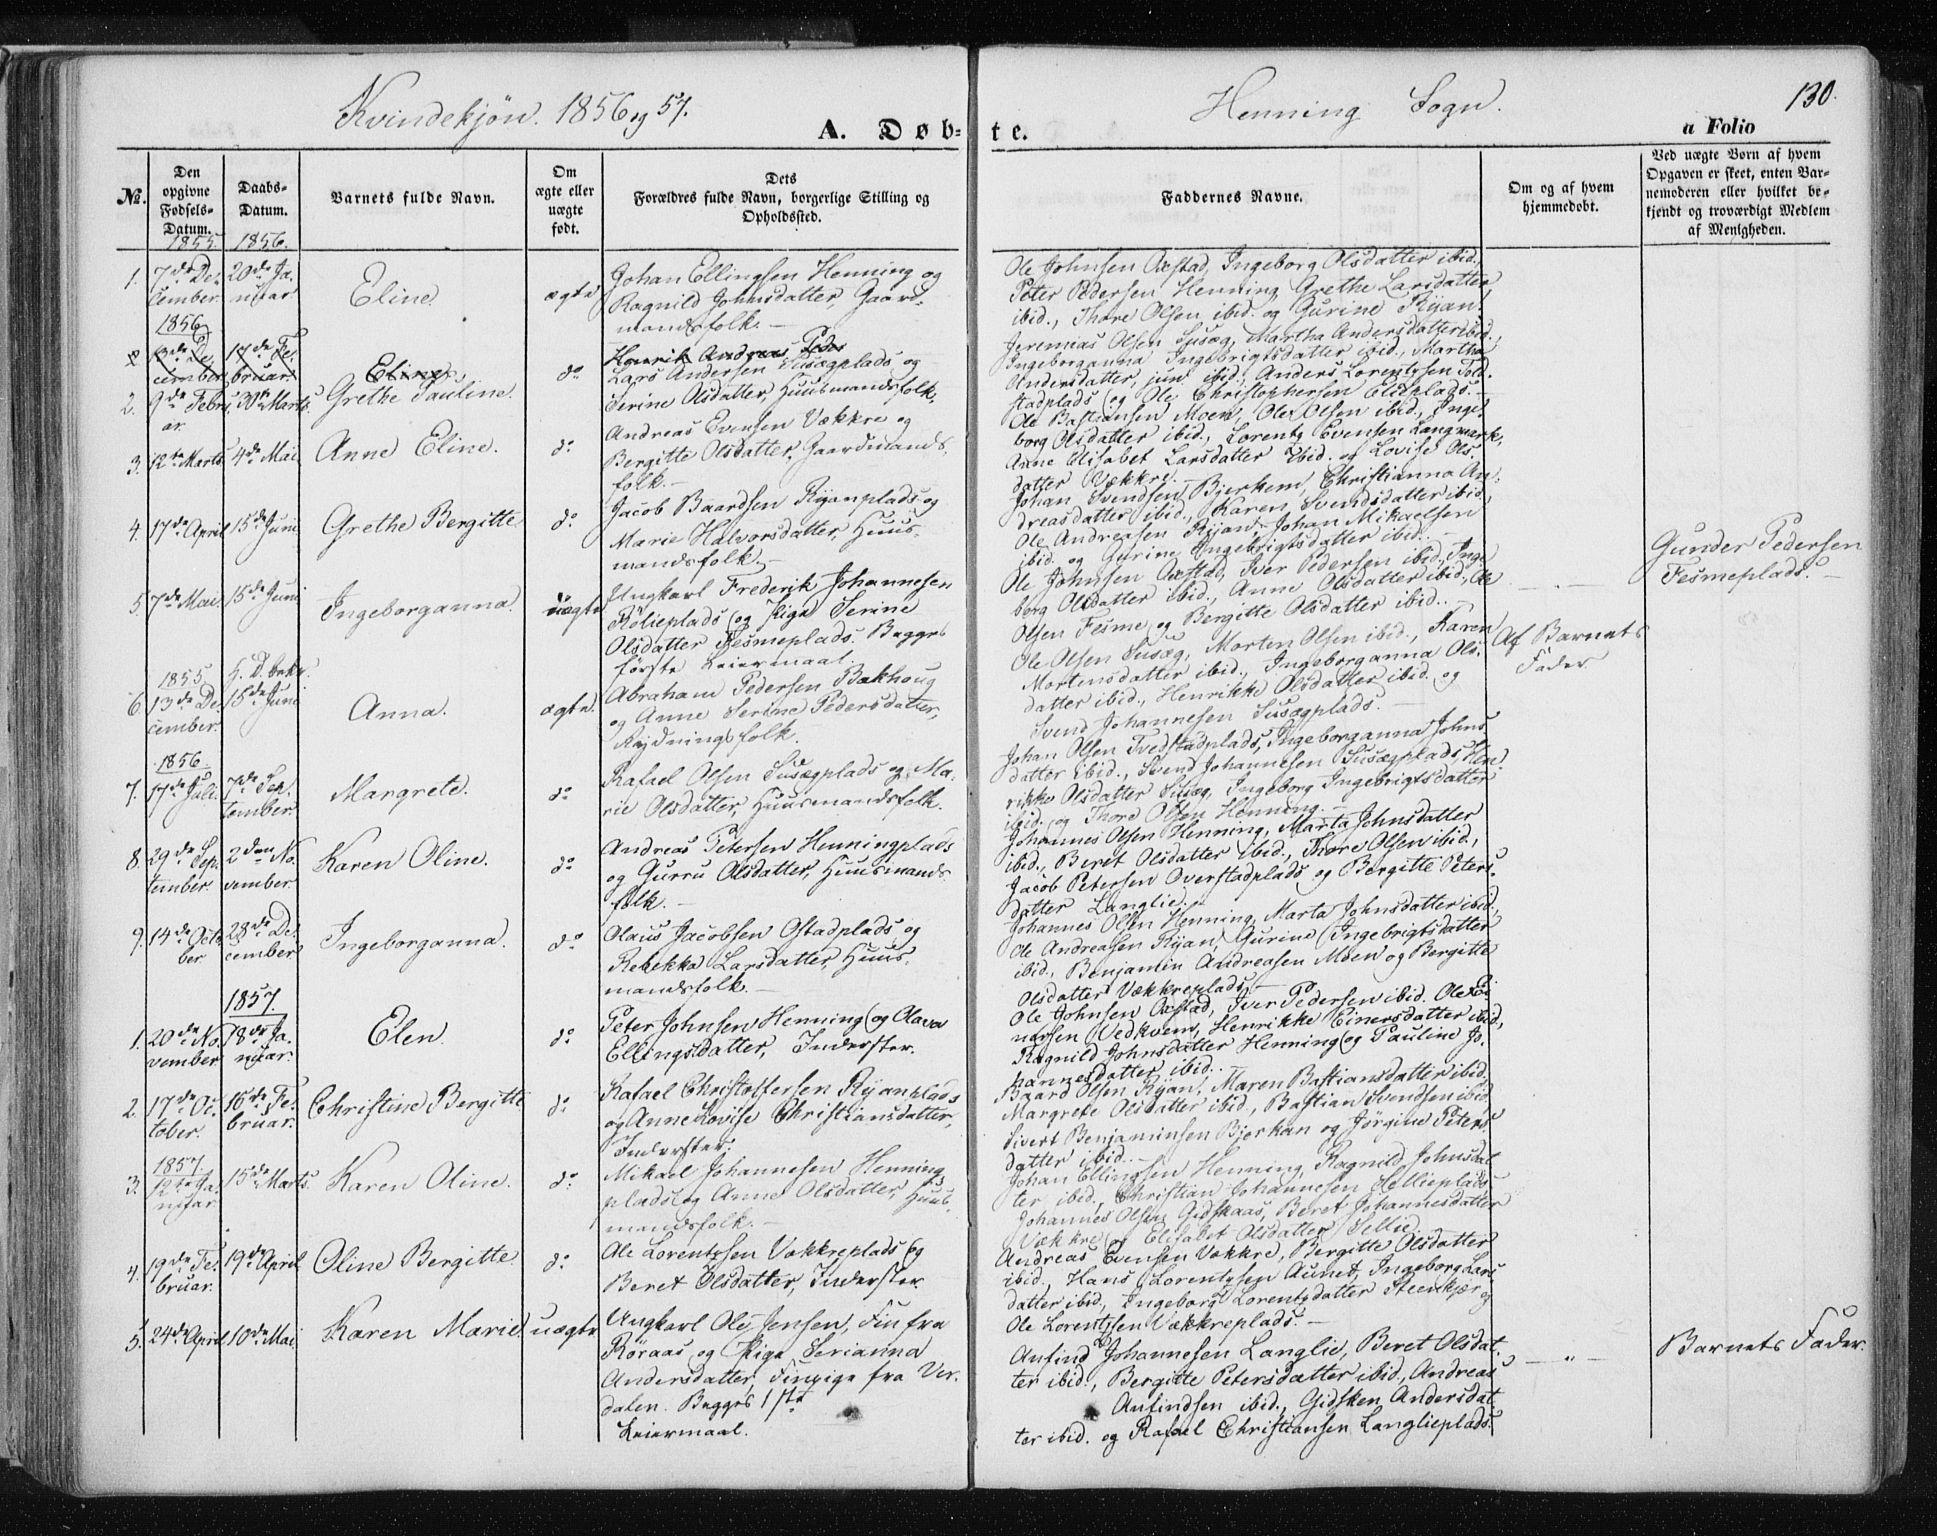 SAT, Ministerialprotokoller, klokkerbøker og fødselsregistre - Nord-Trøndelag, 735/L0342: Ministerialbok nr. 735A07 /3, 1849-1862, s. 130